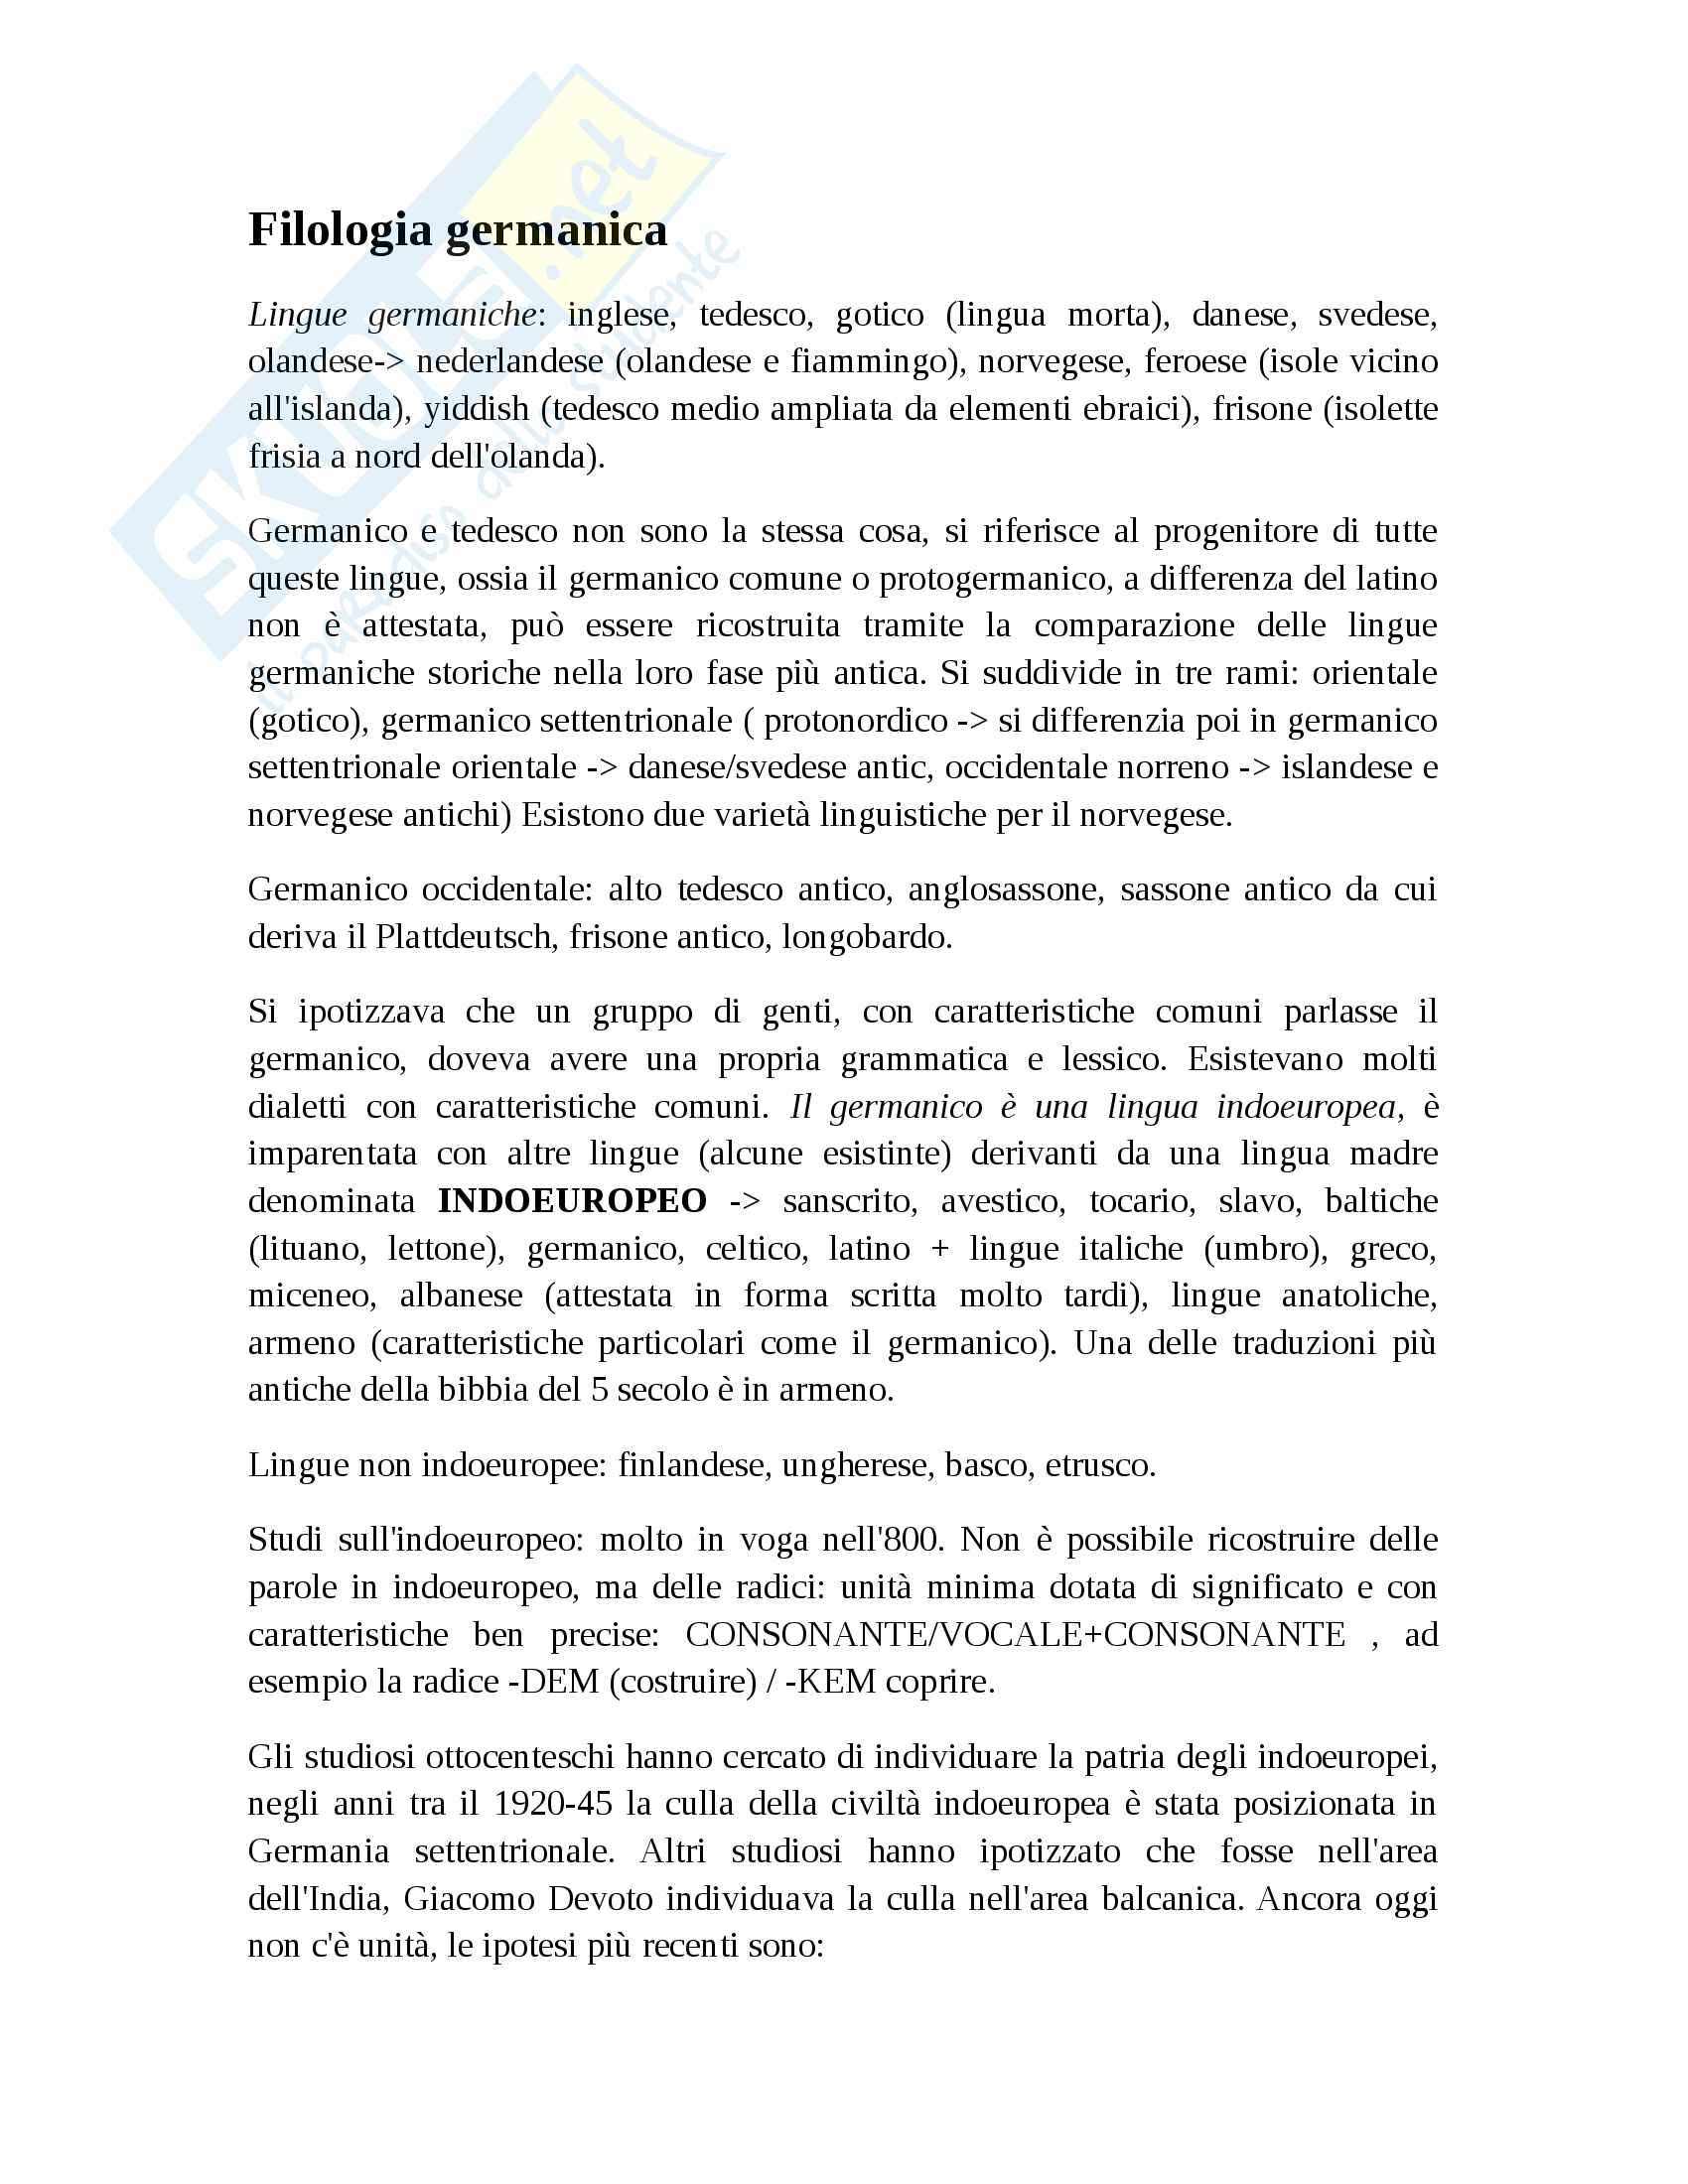 Filologia germanica appunti lezione Pag. 1